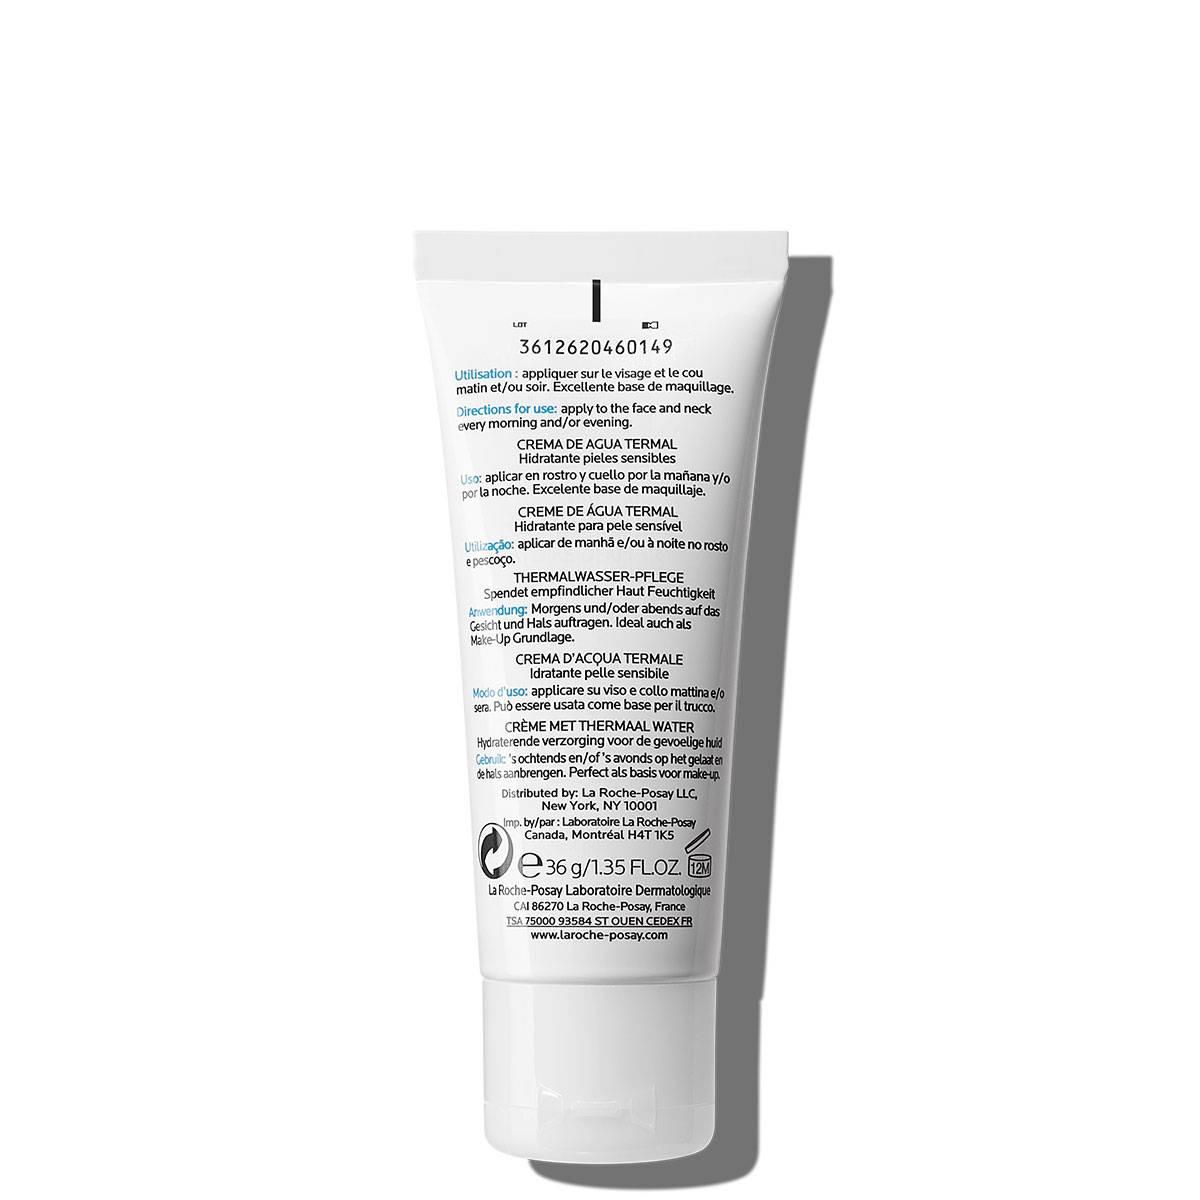 Lekki krem nawilżający do twarzy HYDREANE LEGERE 40 ml Tył | La Roche Posay